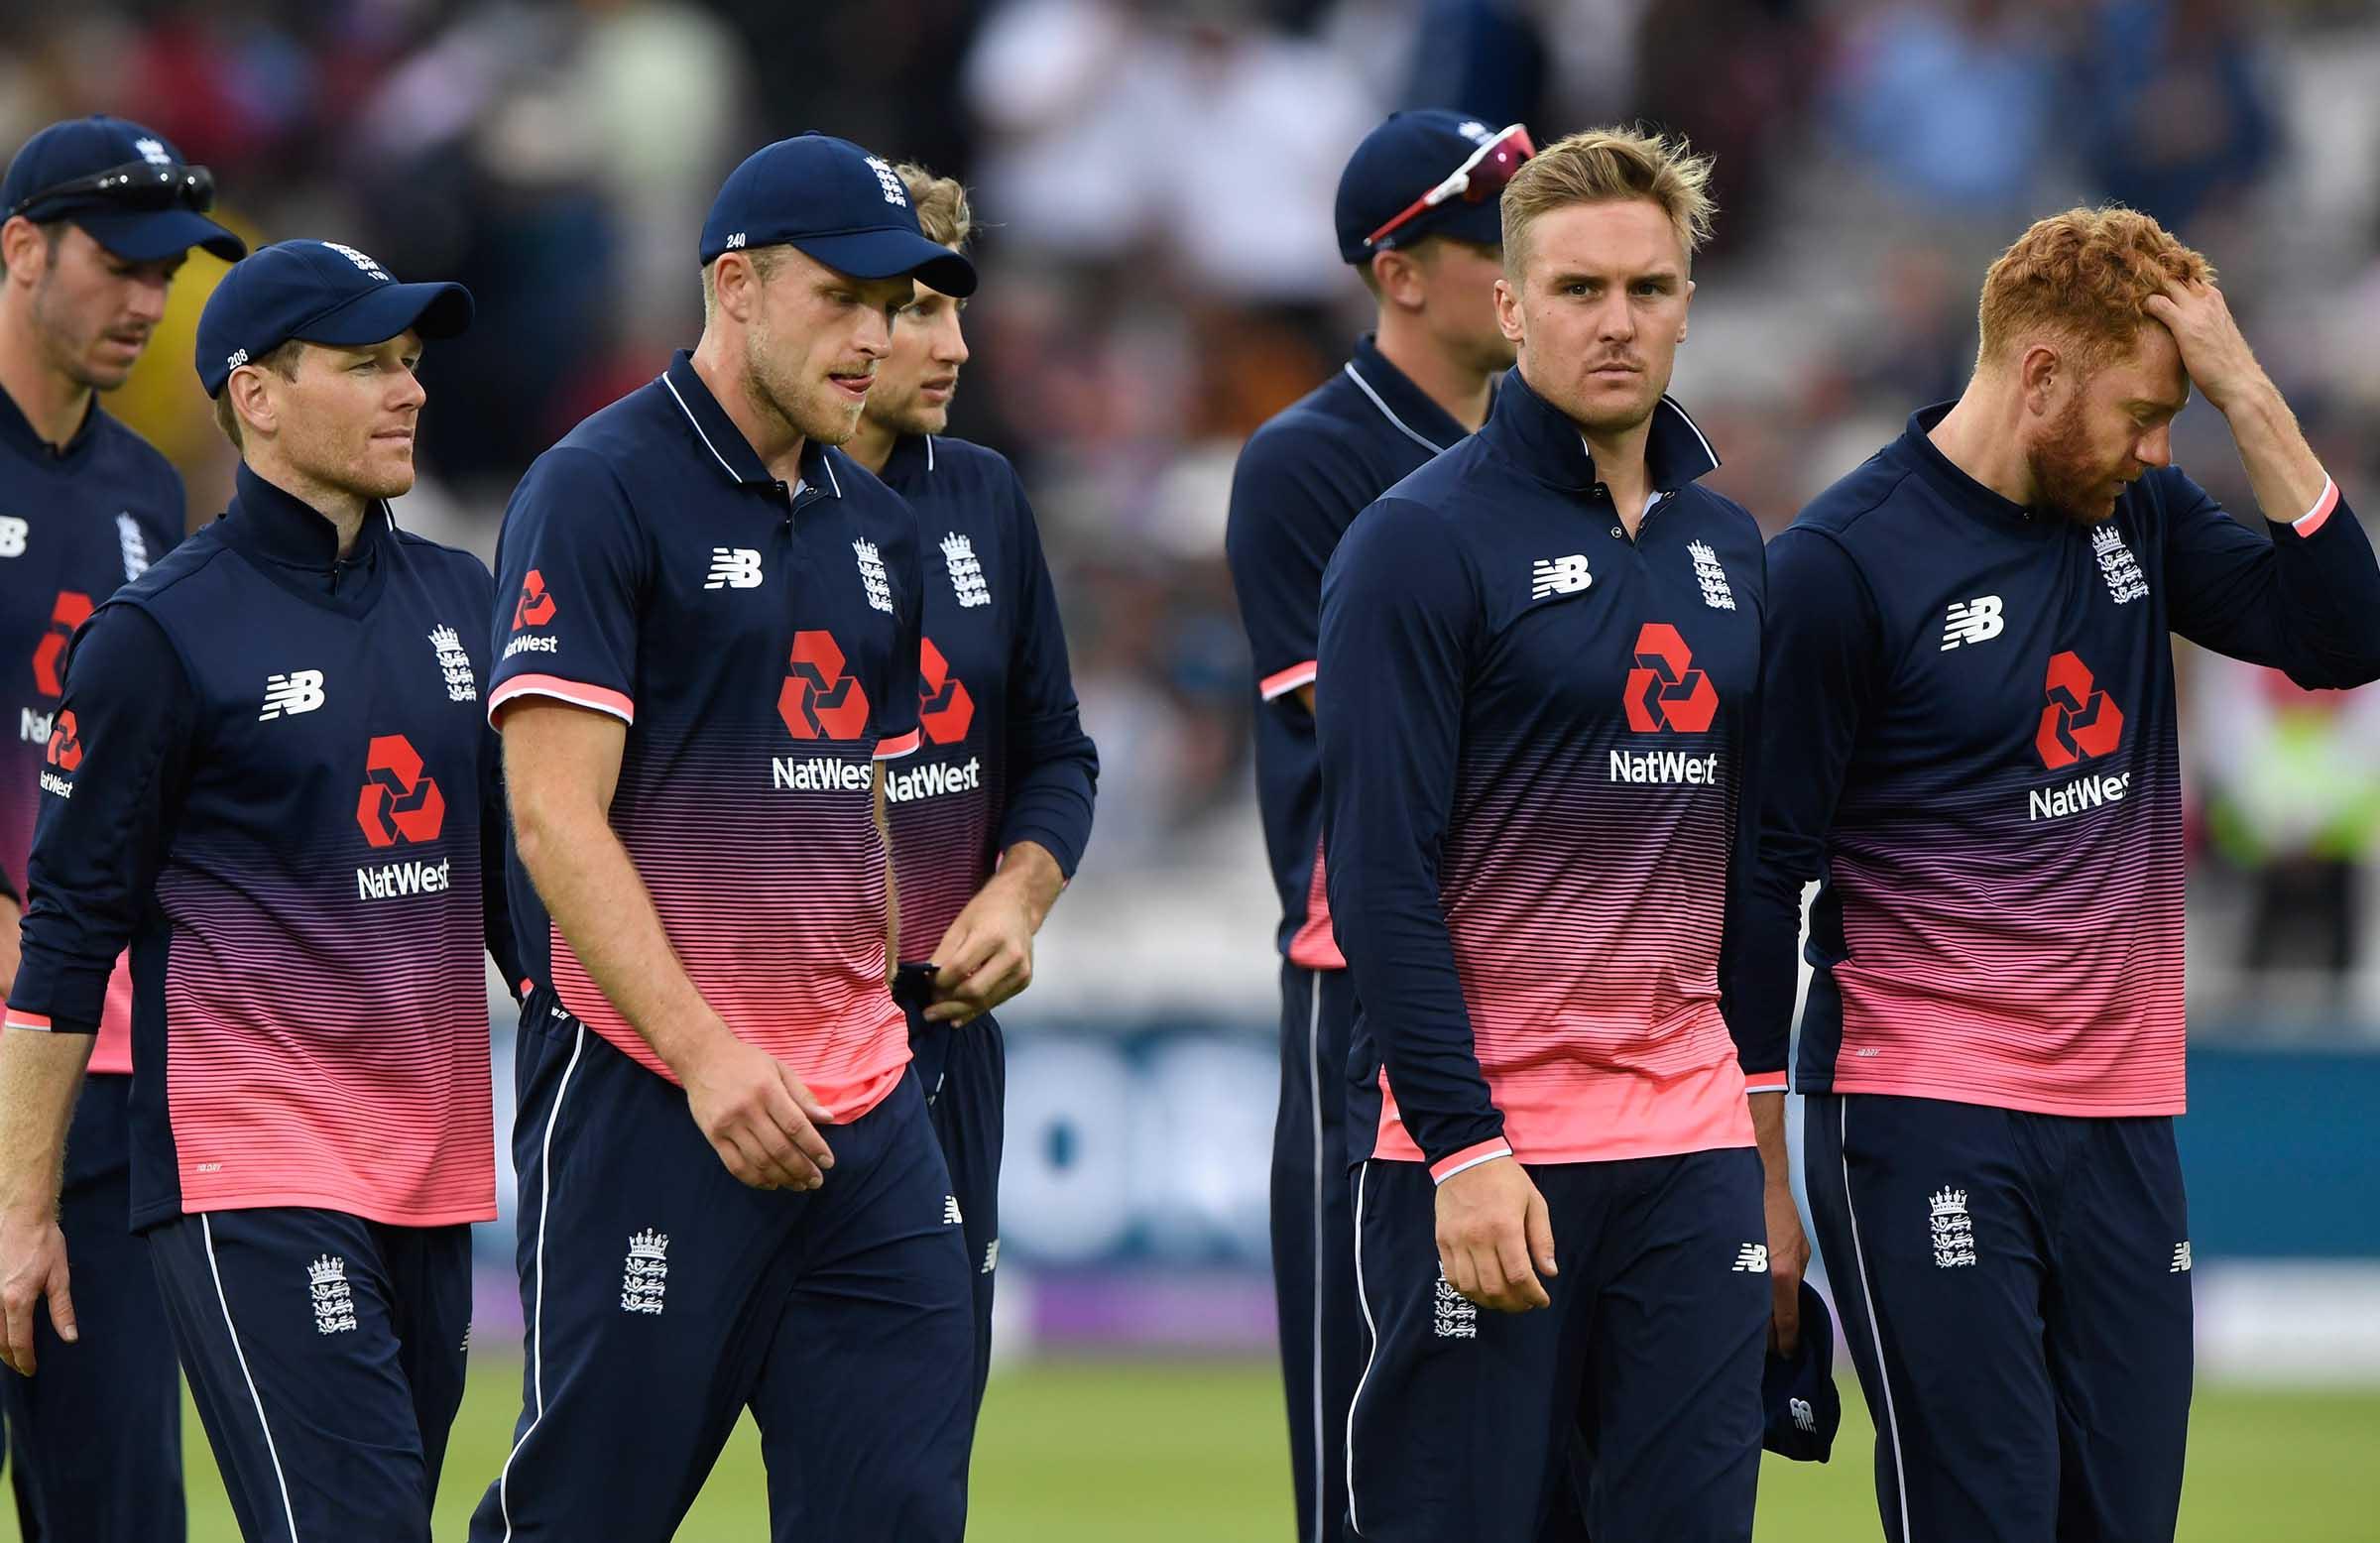 इंग्लैंड बनाम भारत: भारत से मिली हार के बाद कप्तान मॉर्गन ने इनके सिर फोड़ा हार का ठीकरा 13